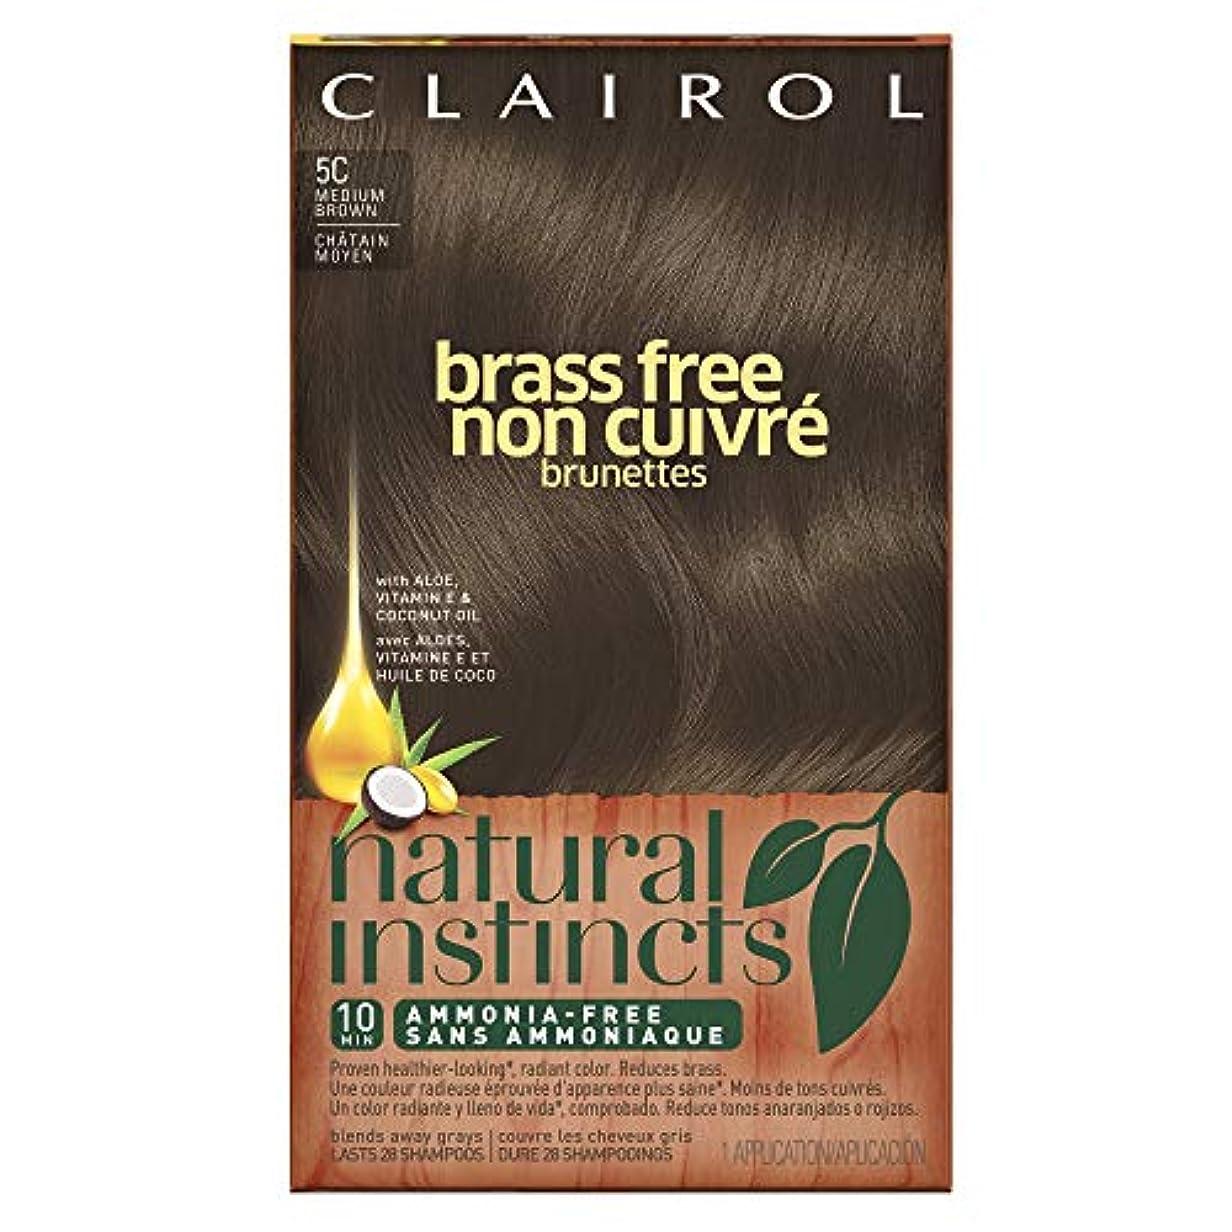 許容できるブラウズ粘性のClairol 自然本能真鍮無料ヘアカラー、ミディアムブラウン[5C] 1 Eaは(6パック) 6パック 褐色